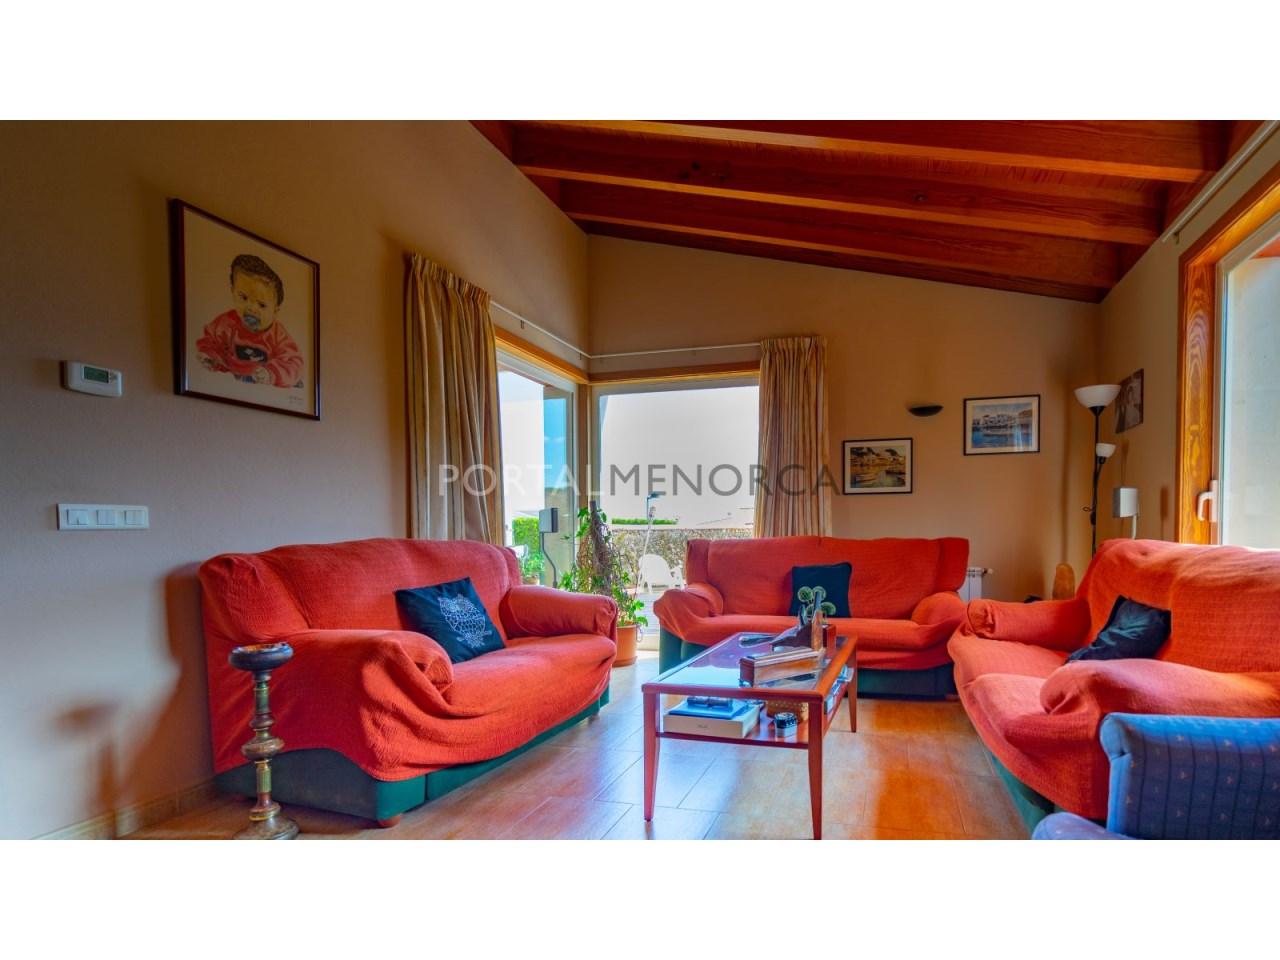 maison-vendre-menorca-minorque (6)